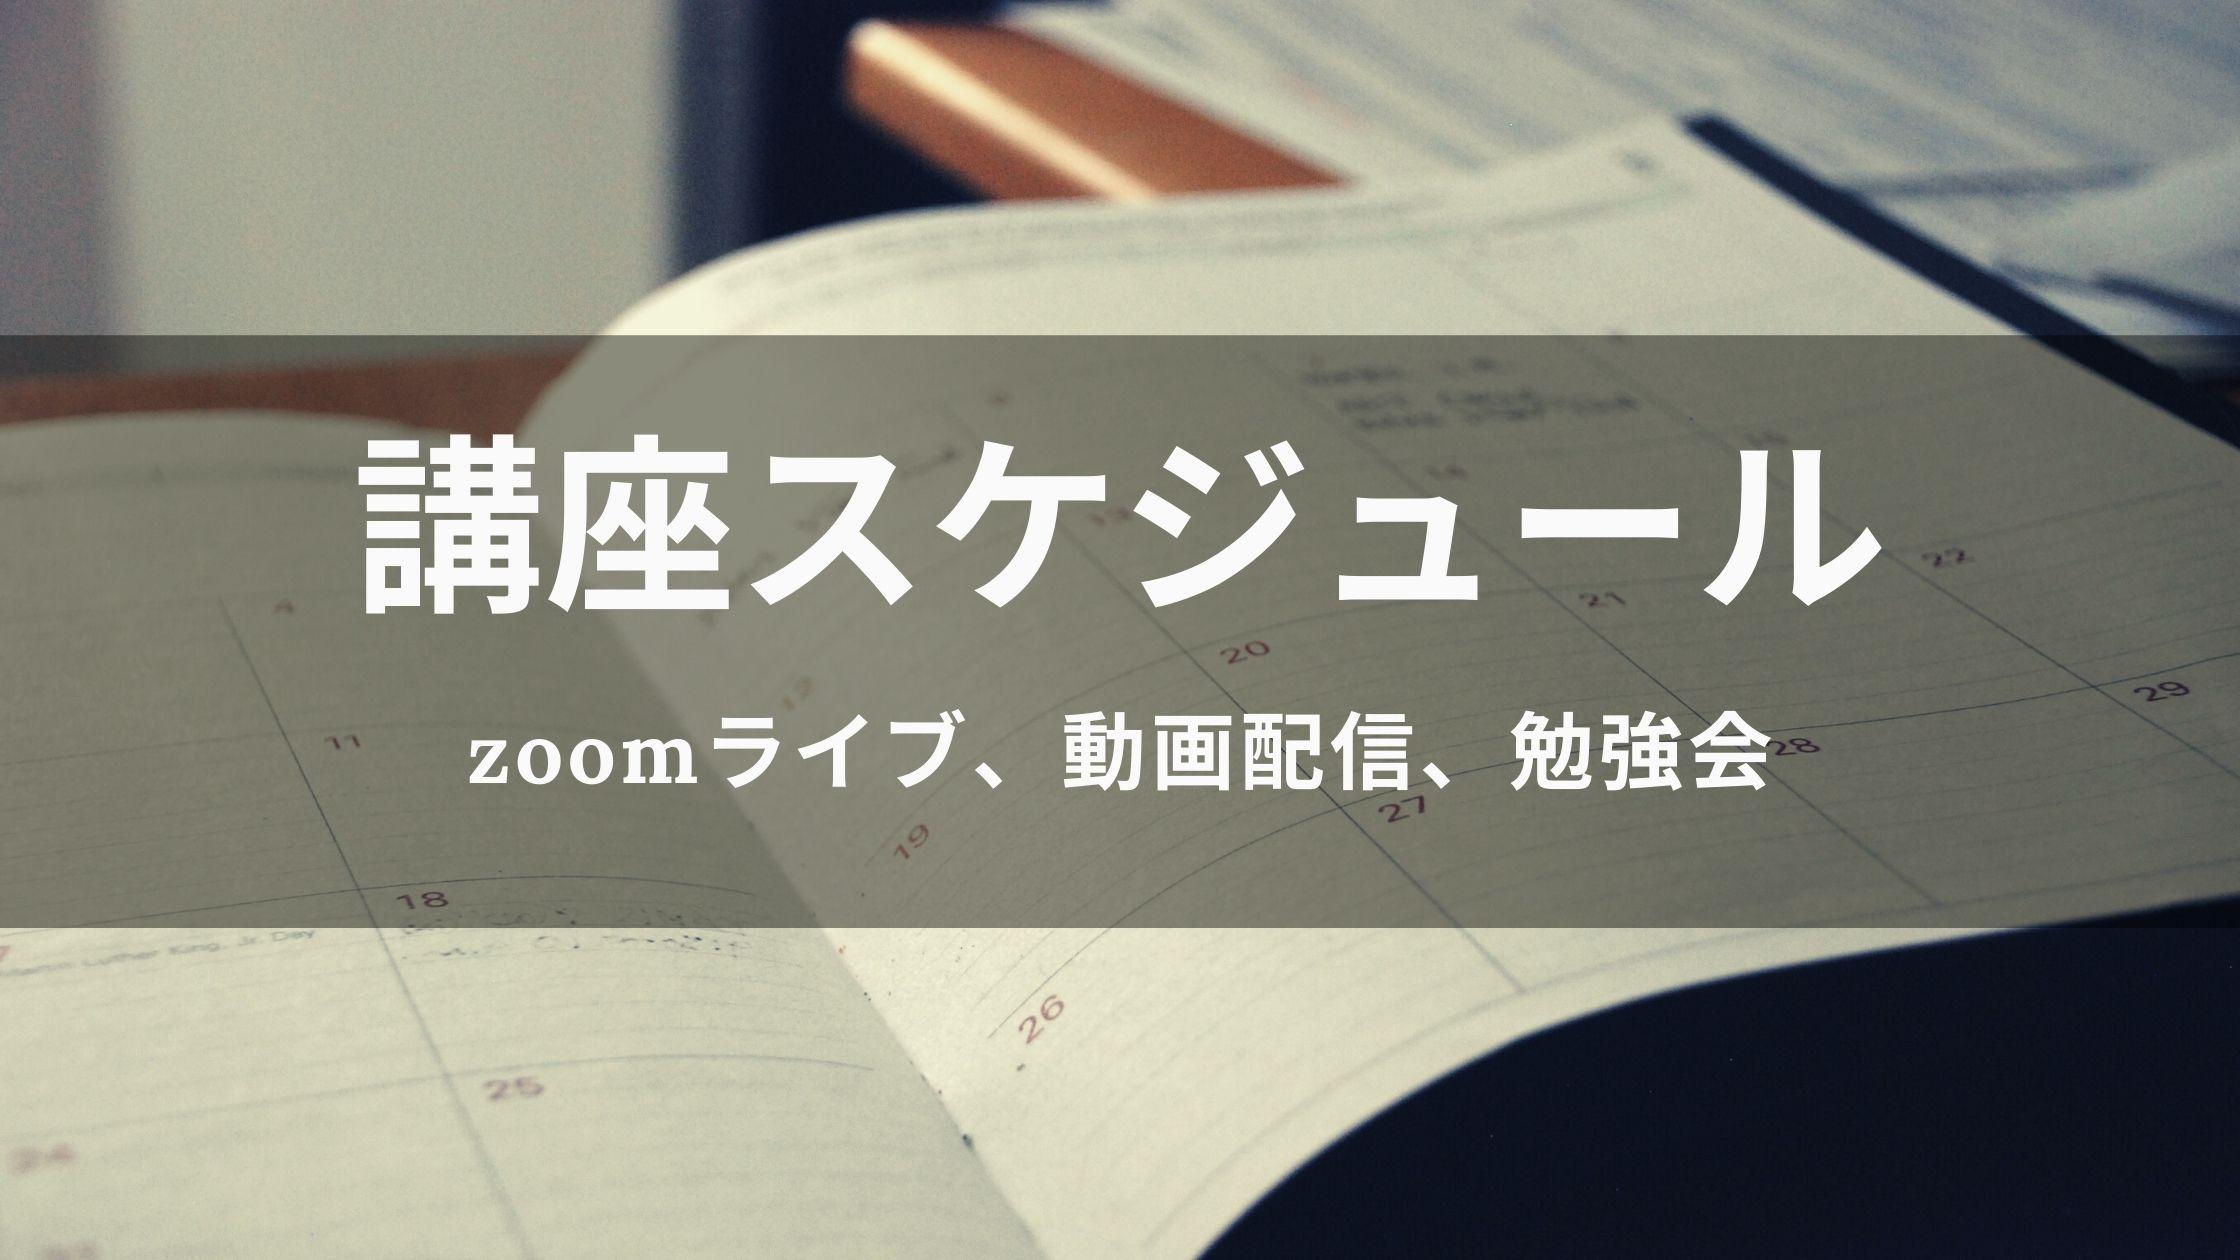 【講座スケジュール】zoomライブ配信、勉強会/研究会の開催情報